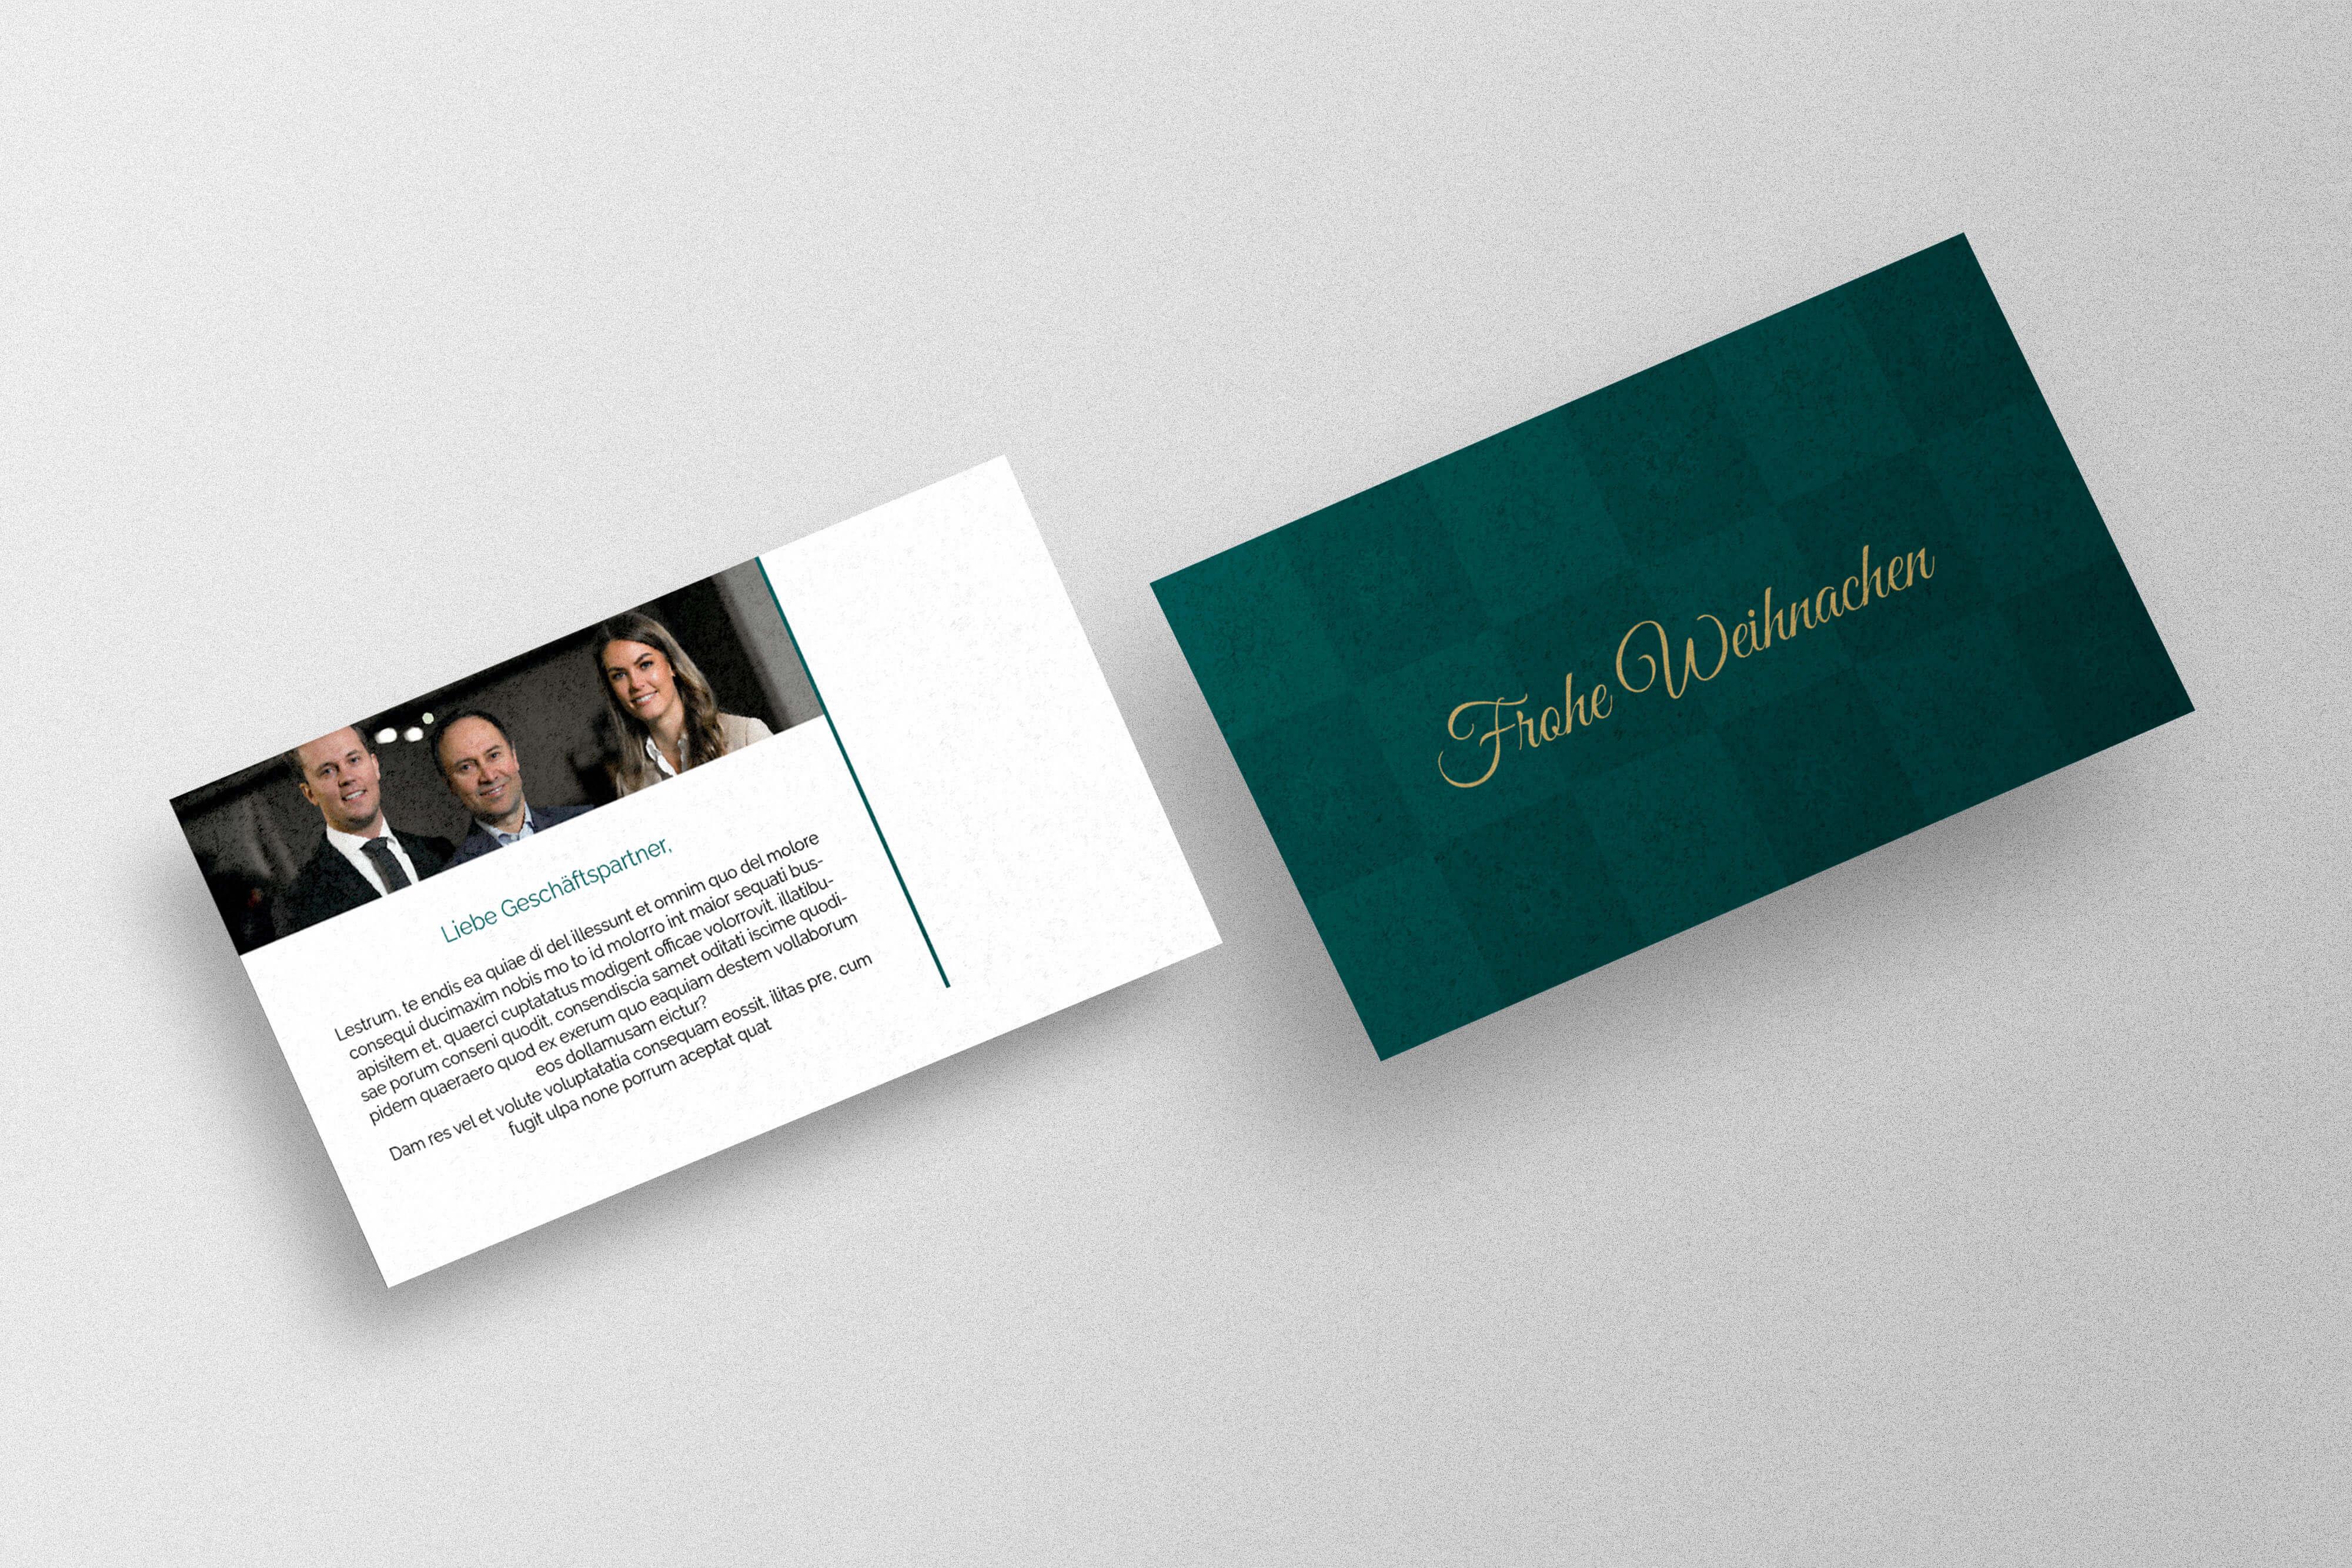 Geschäftliche Weihnachtskarte für Kunden und Mitarbeiter gestalten